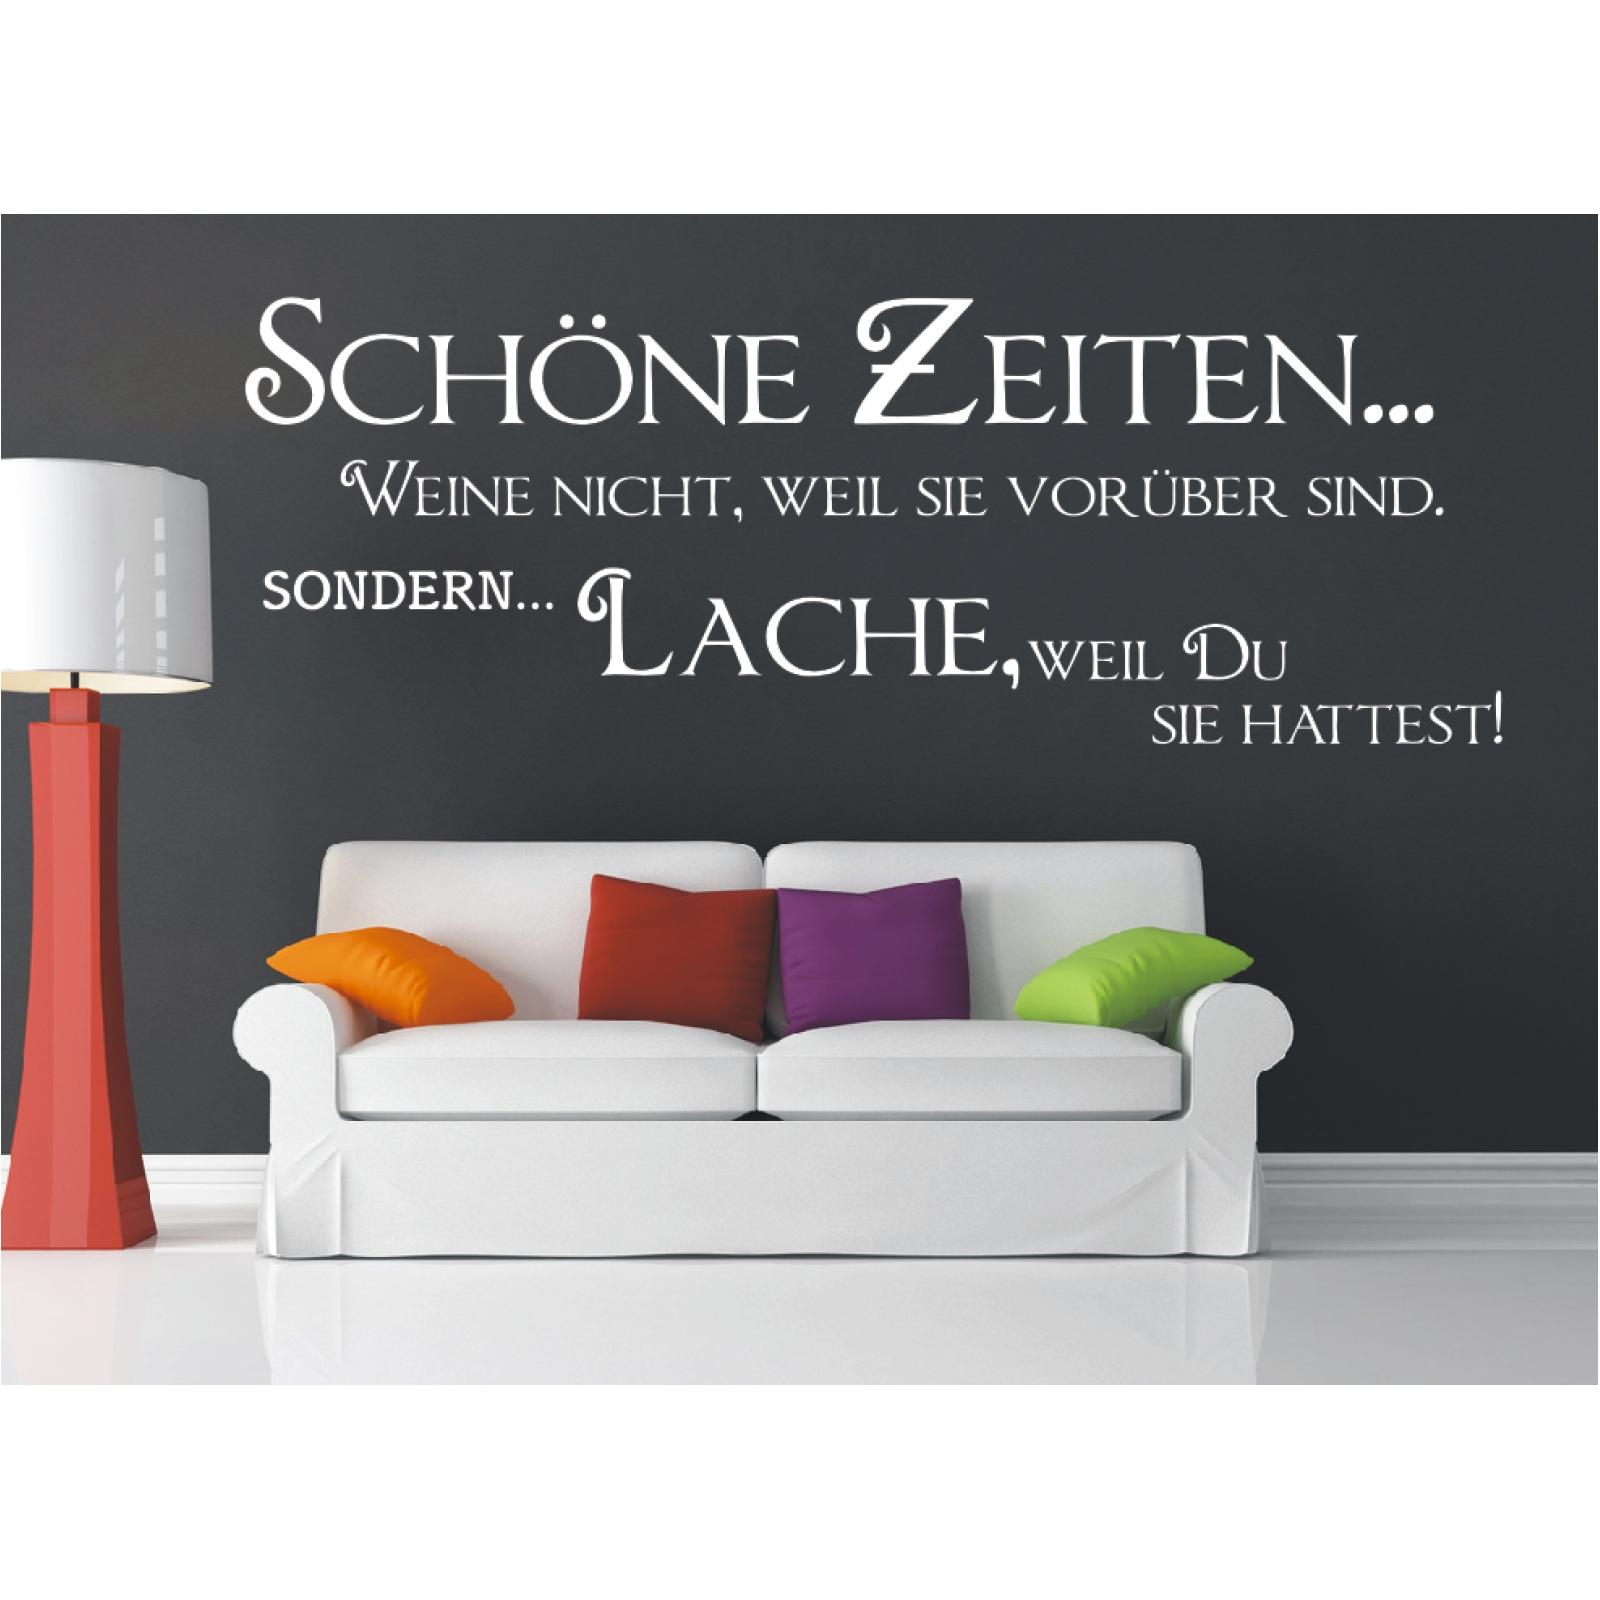 Spruch-WANDTATTOO-Schoene-Zeiten-Lache-Du-Wandsticker-Wandaufkleber-Sticker-9 Indexbild 3